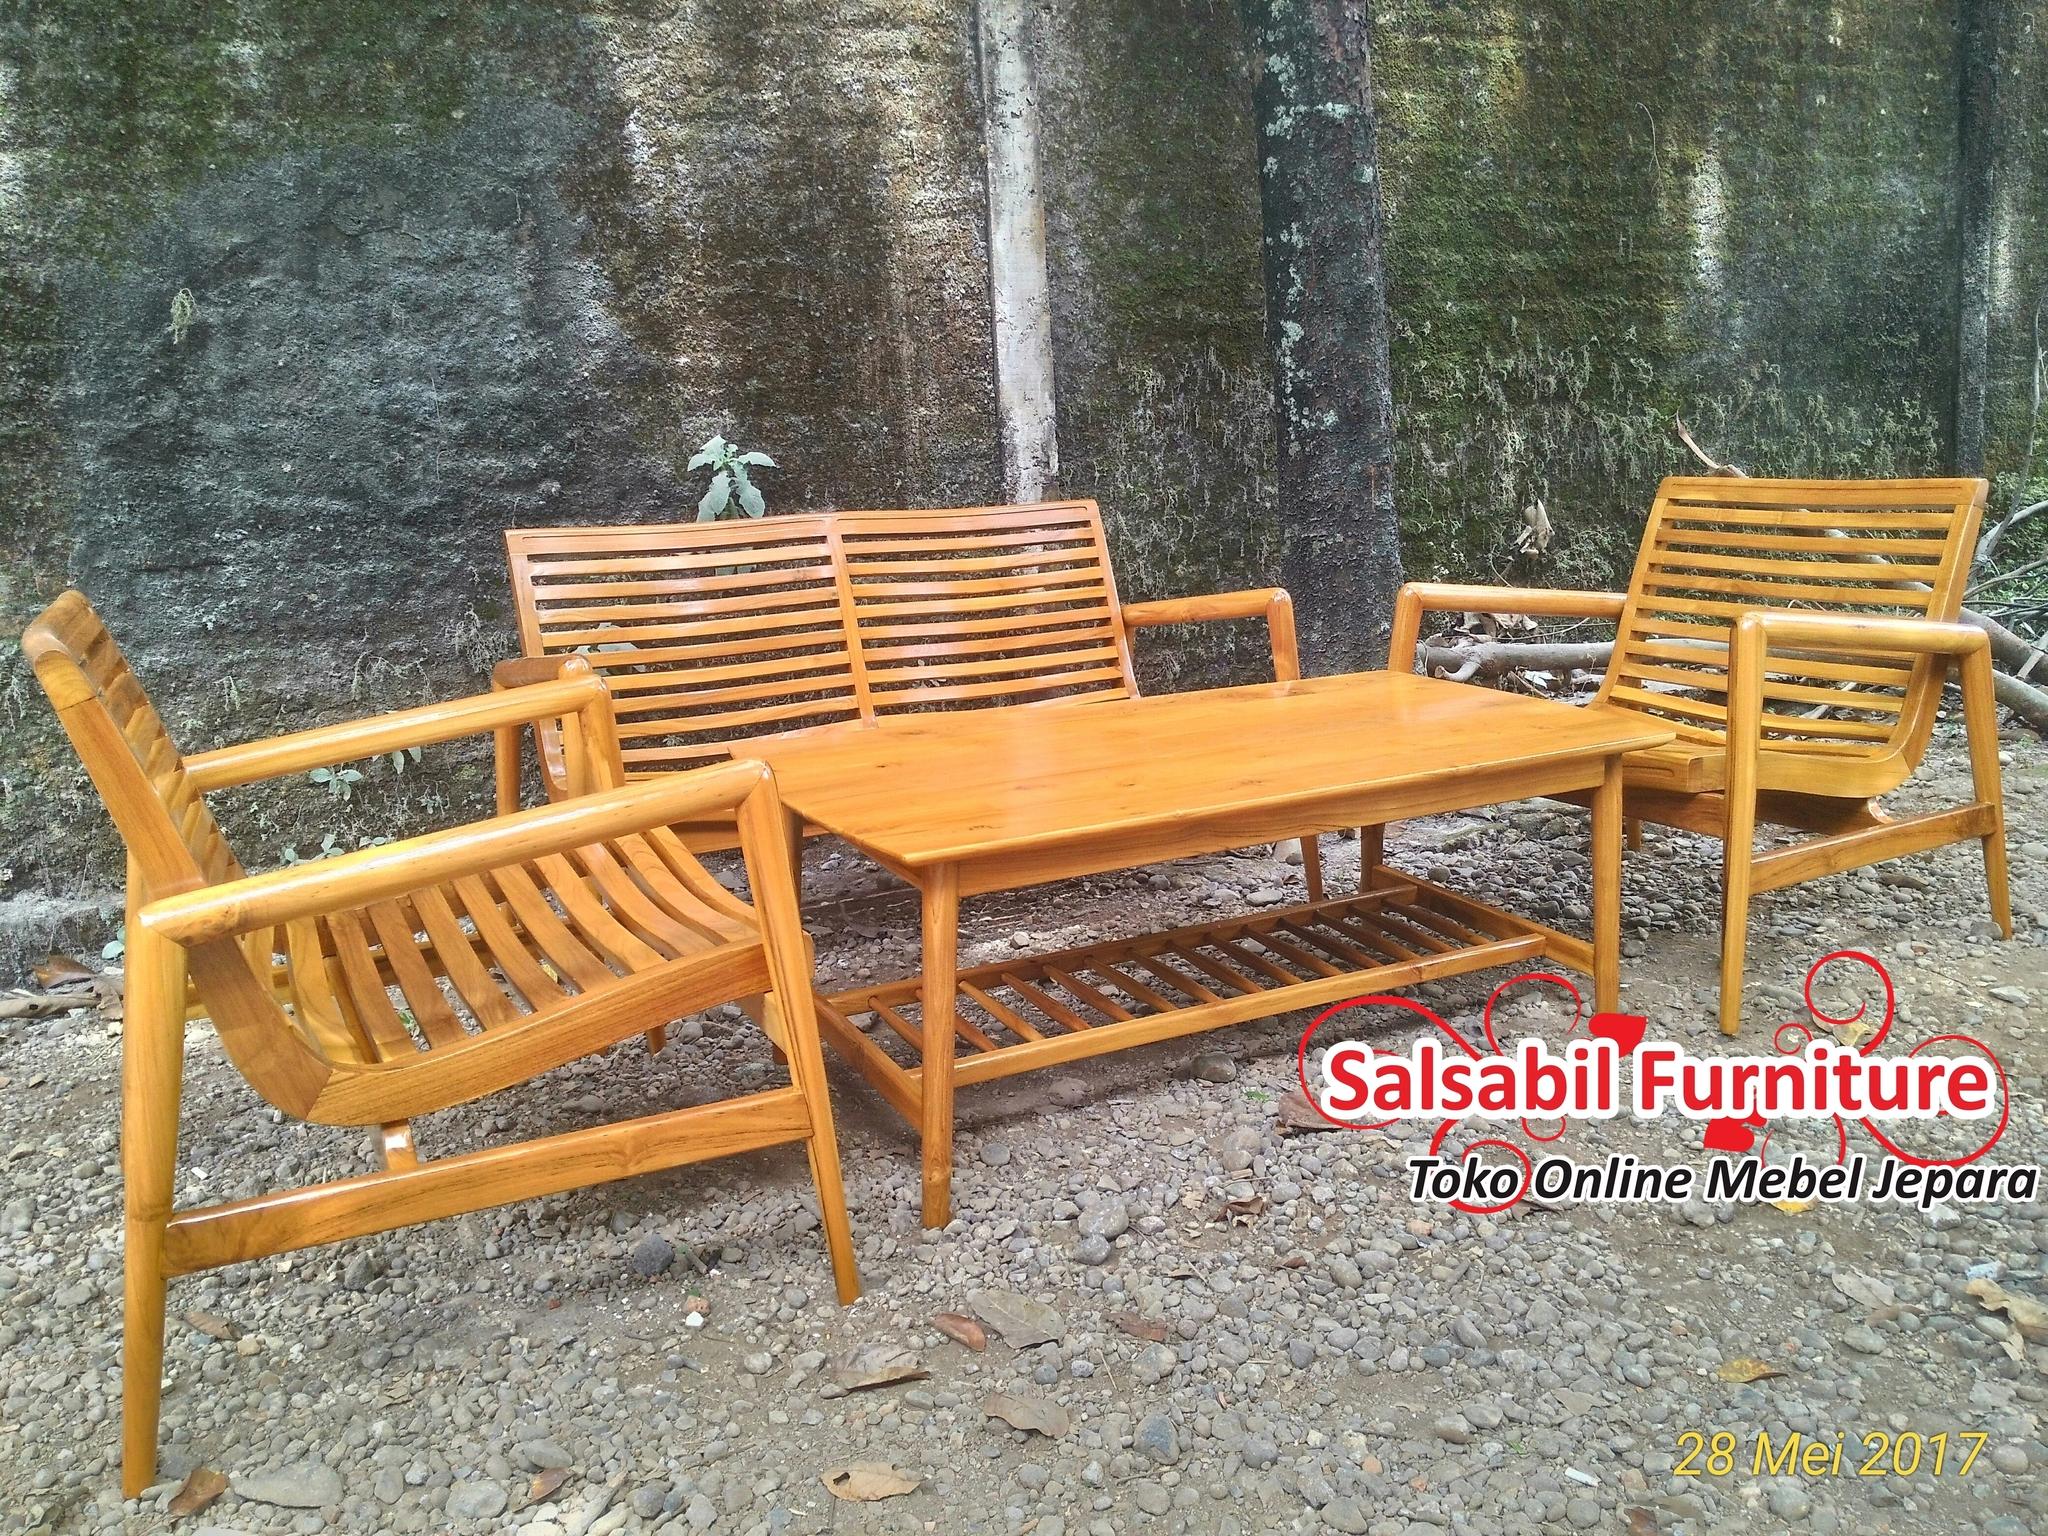 Set Kursi Tamu Retro Finger Arms 211+Meja - Salsabil Furniture - 085875166325